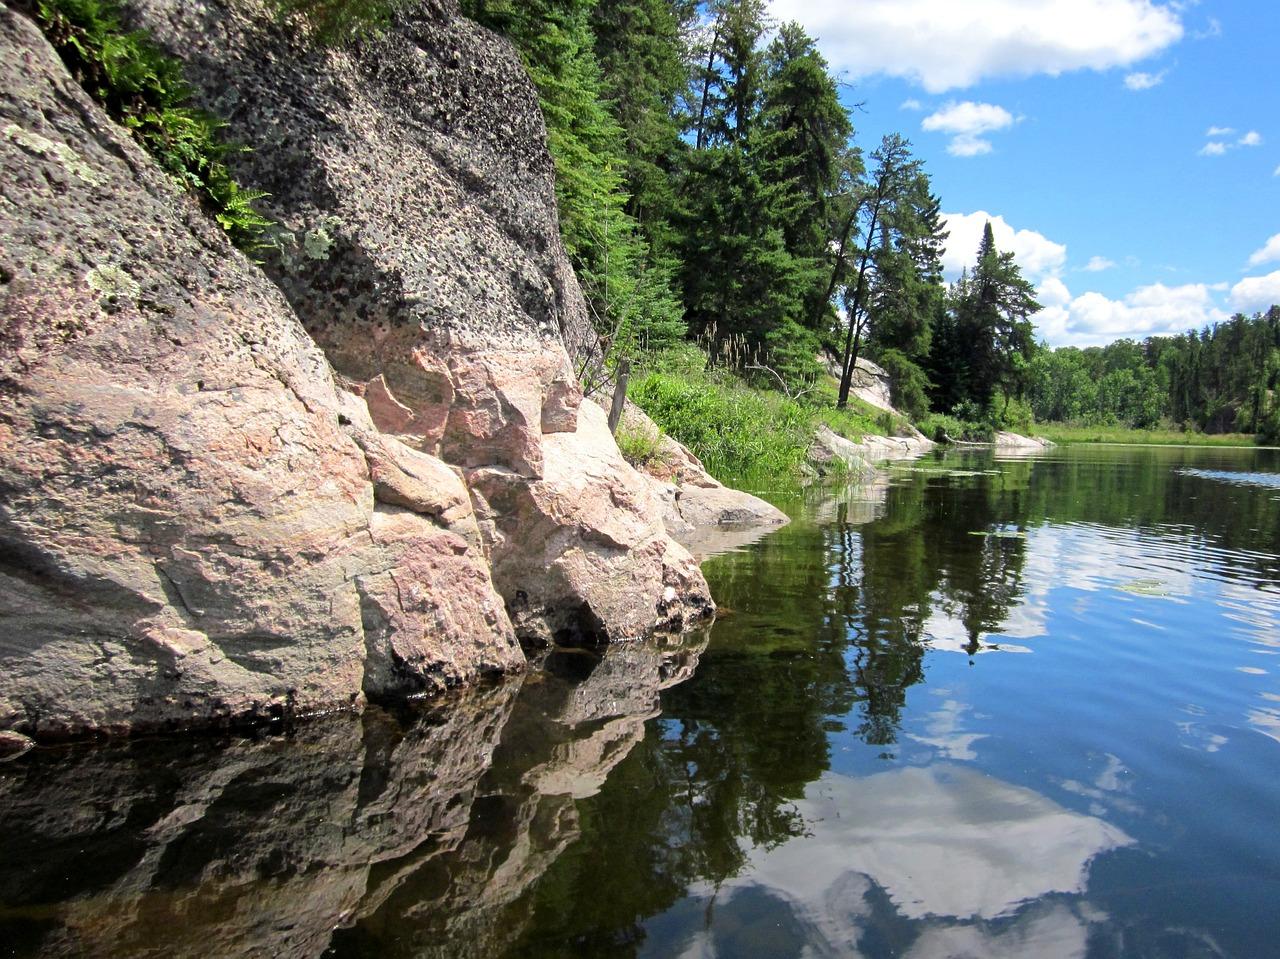 Lake of the Woods | Public Domain/Pixabay